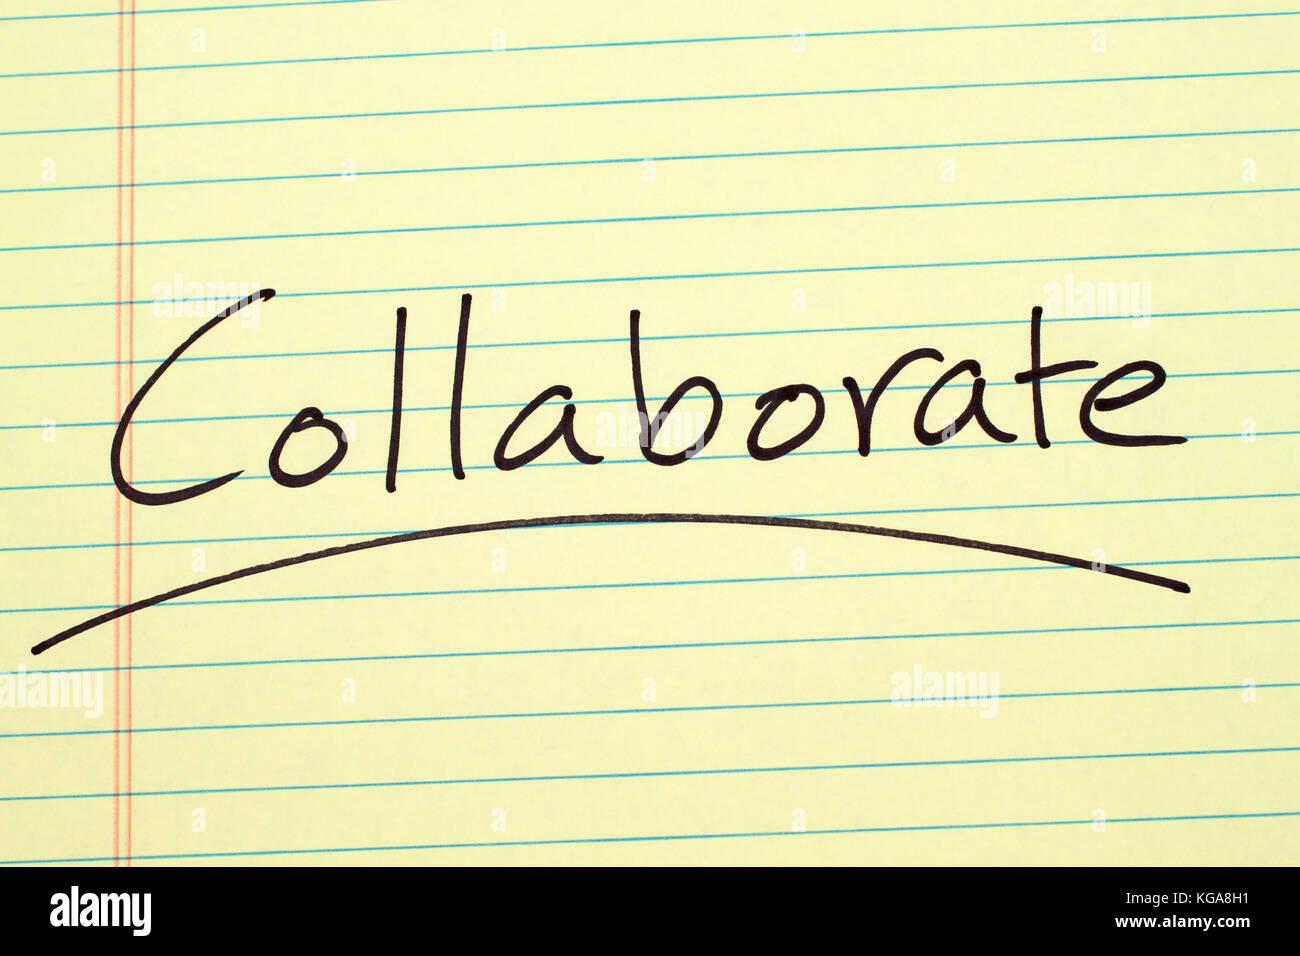 Le mot 'collaborer' a souligné sur un tampon juridique jaune Banque D'Images